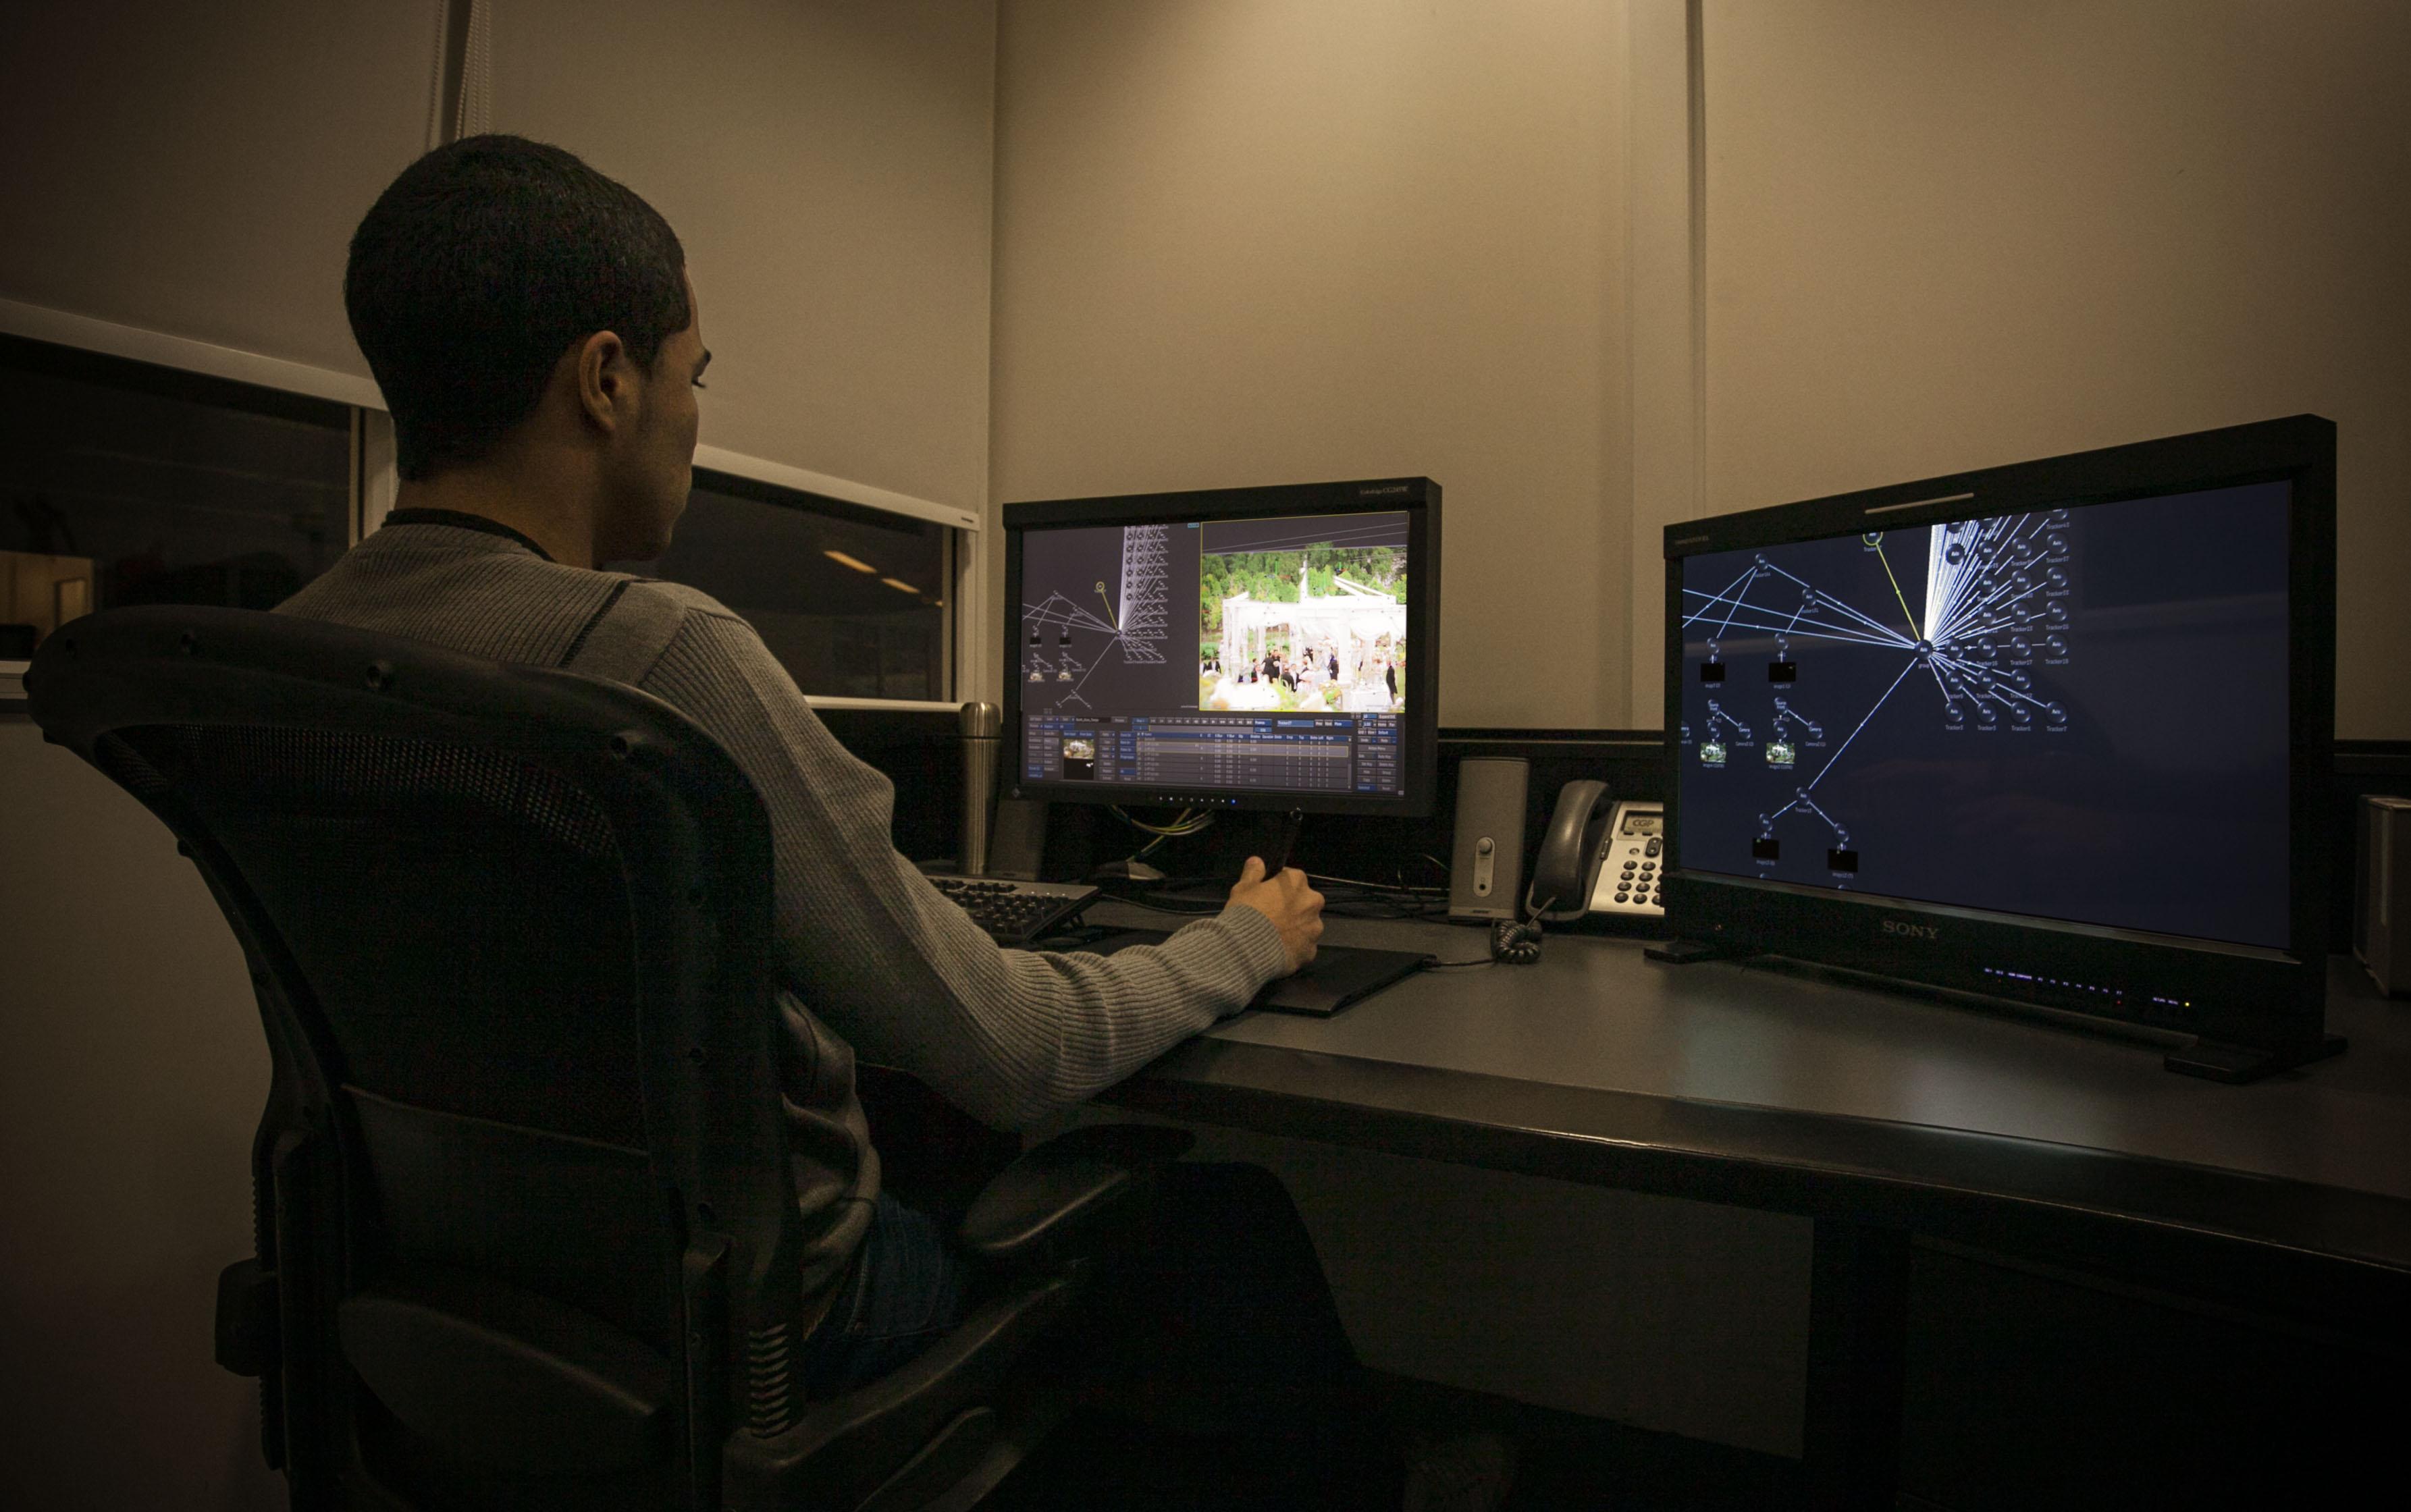 Em 2015, o EPADA IV abordará temas como Photoshop, animação digital, pintura digital e implementação de games (FOTO: Reprodução)